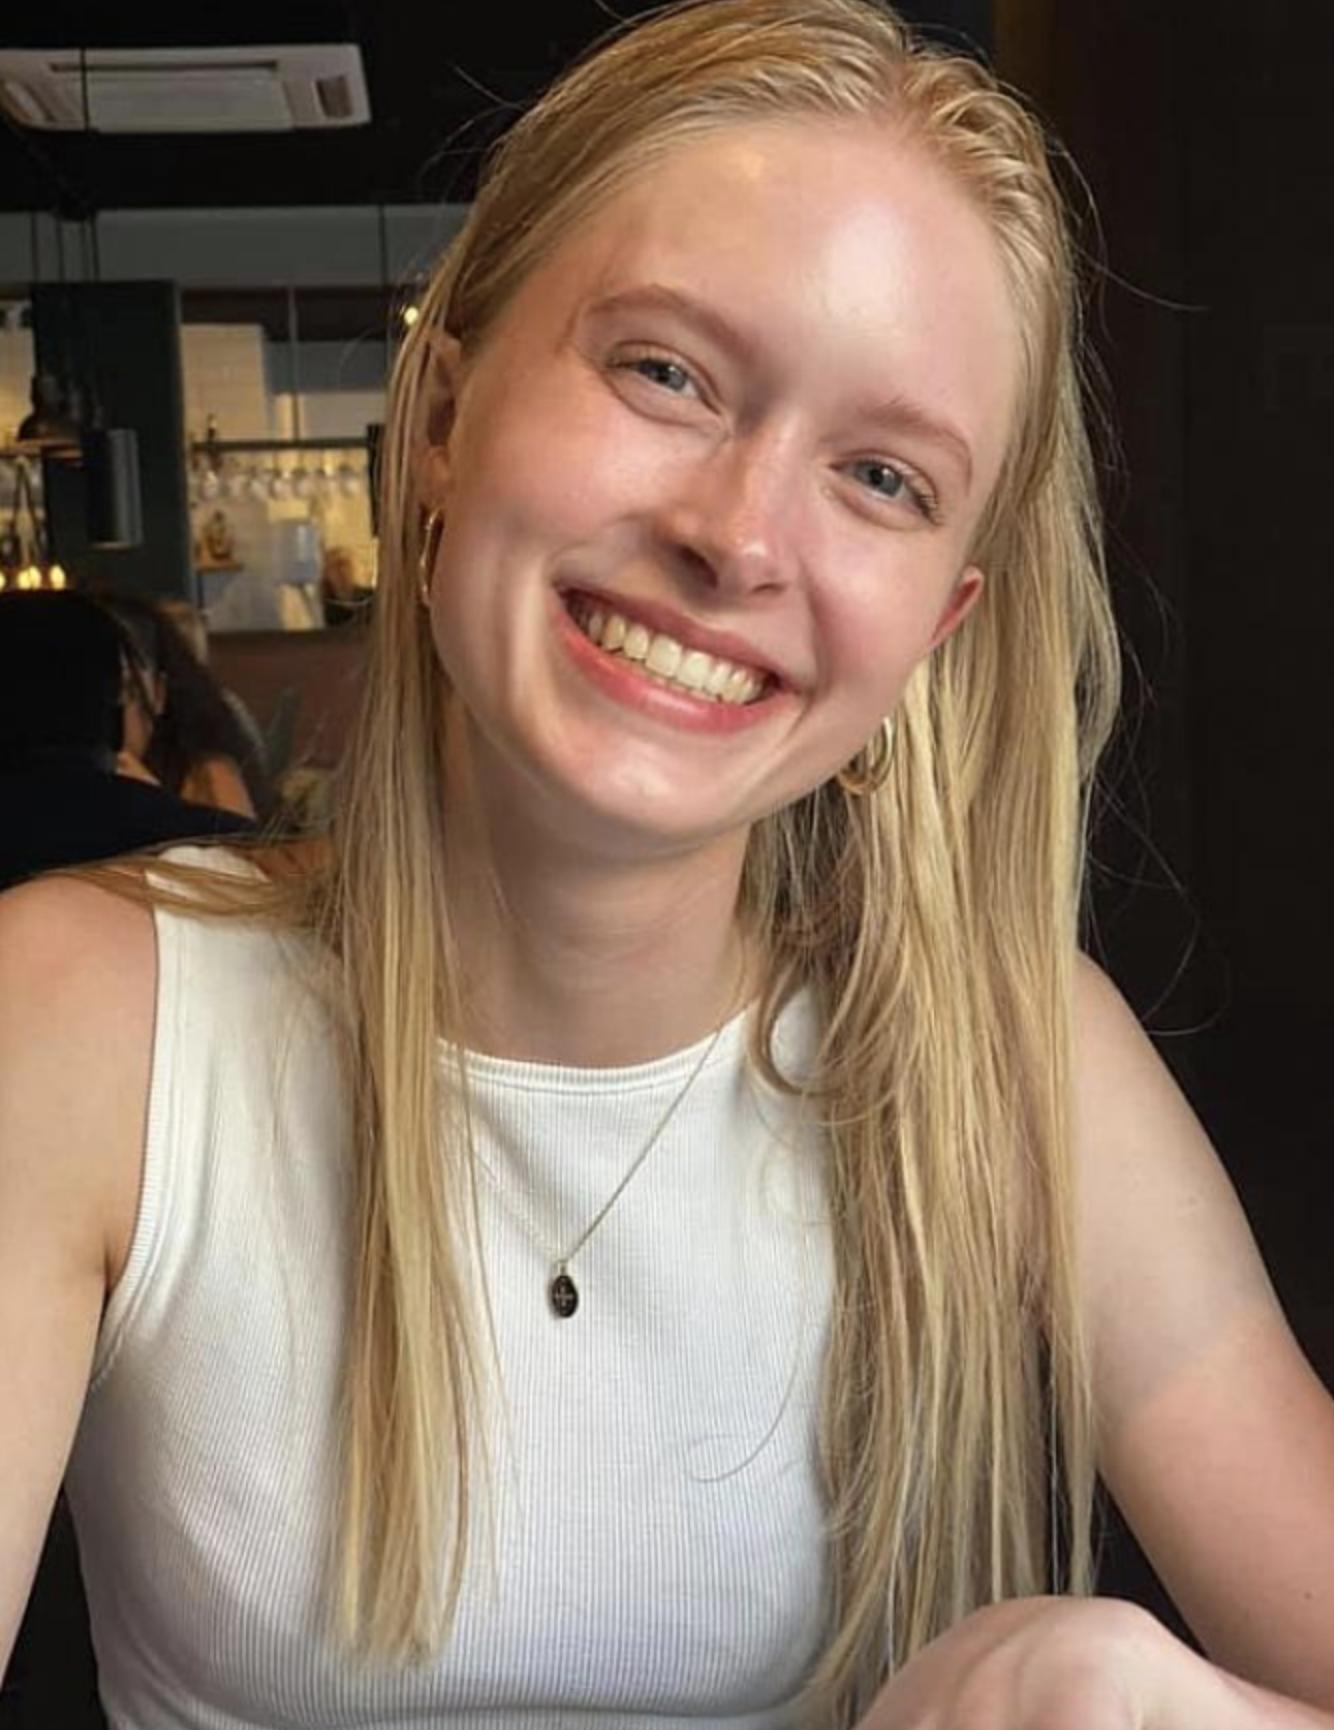 Efterlysning: Hjælp os med at finde Sofie